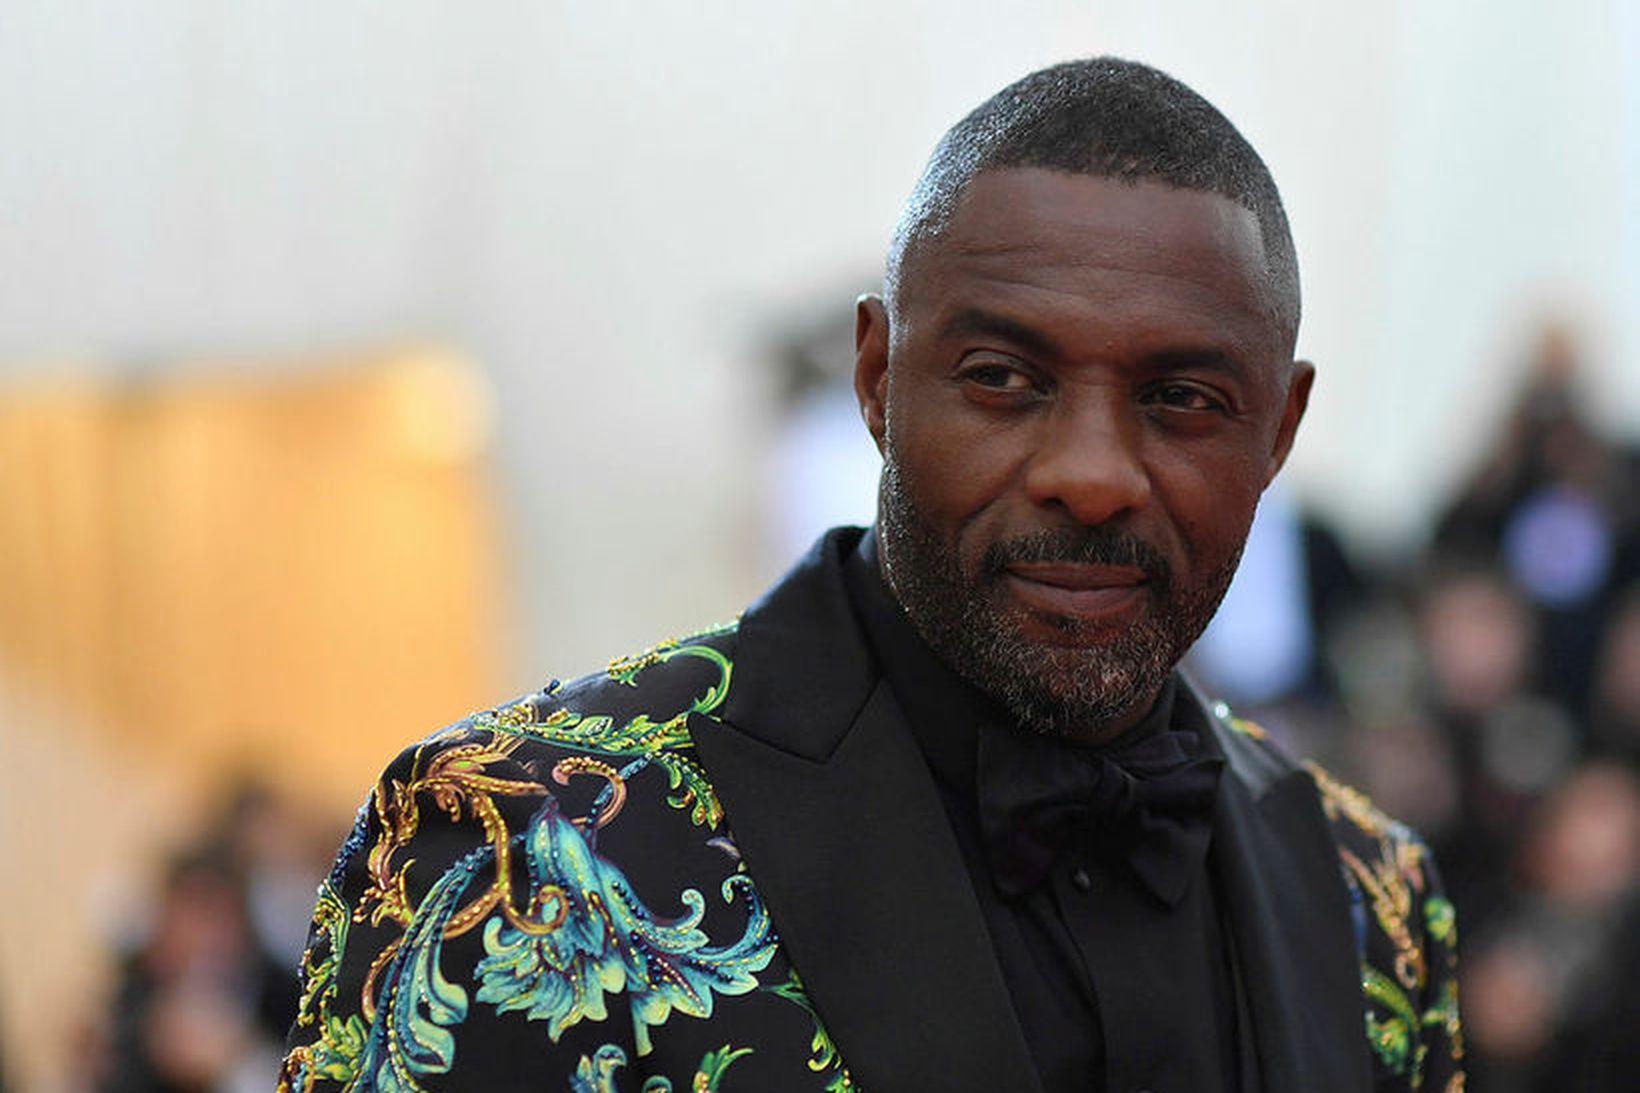 Leikarinn Idris Elba smitaðist af kórónuveirunni.